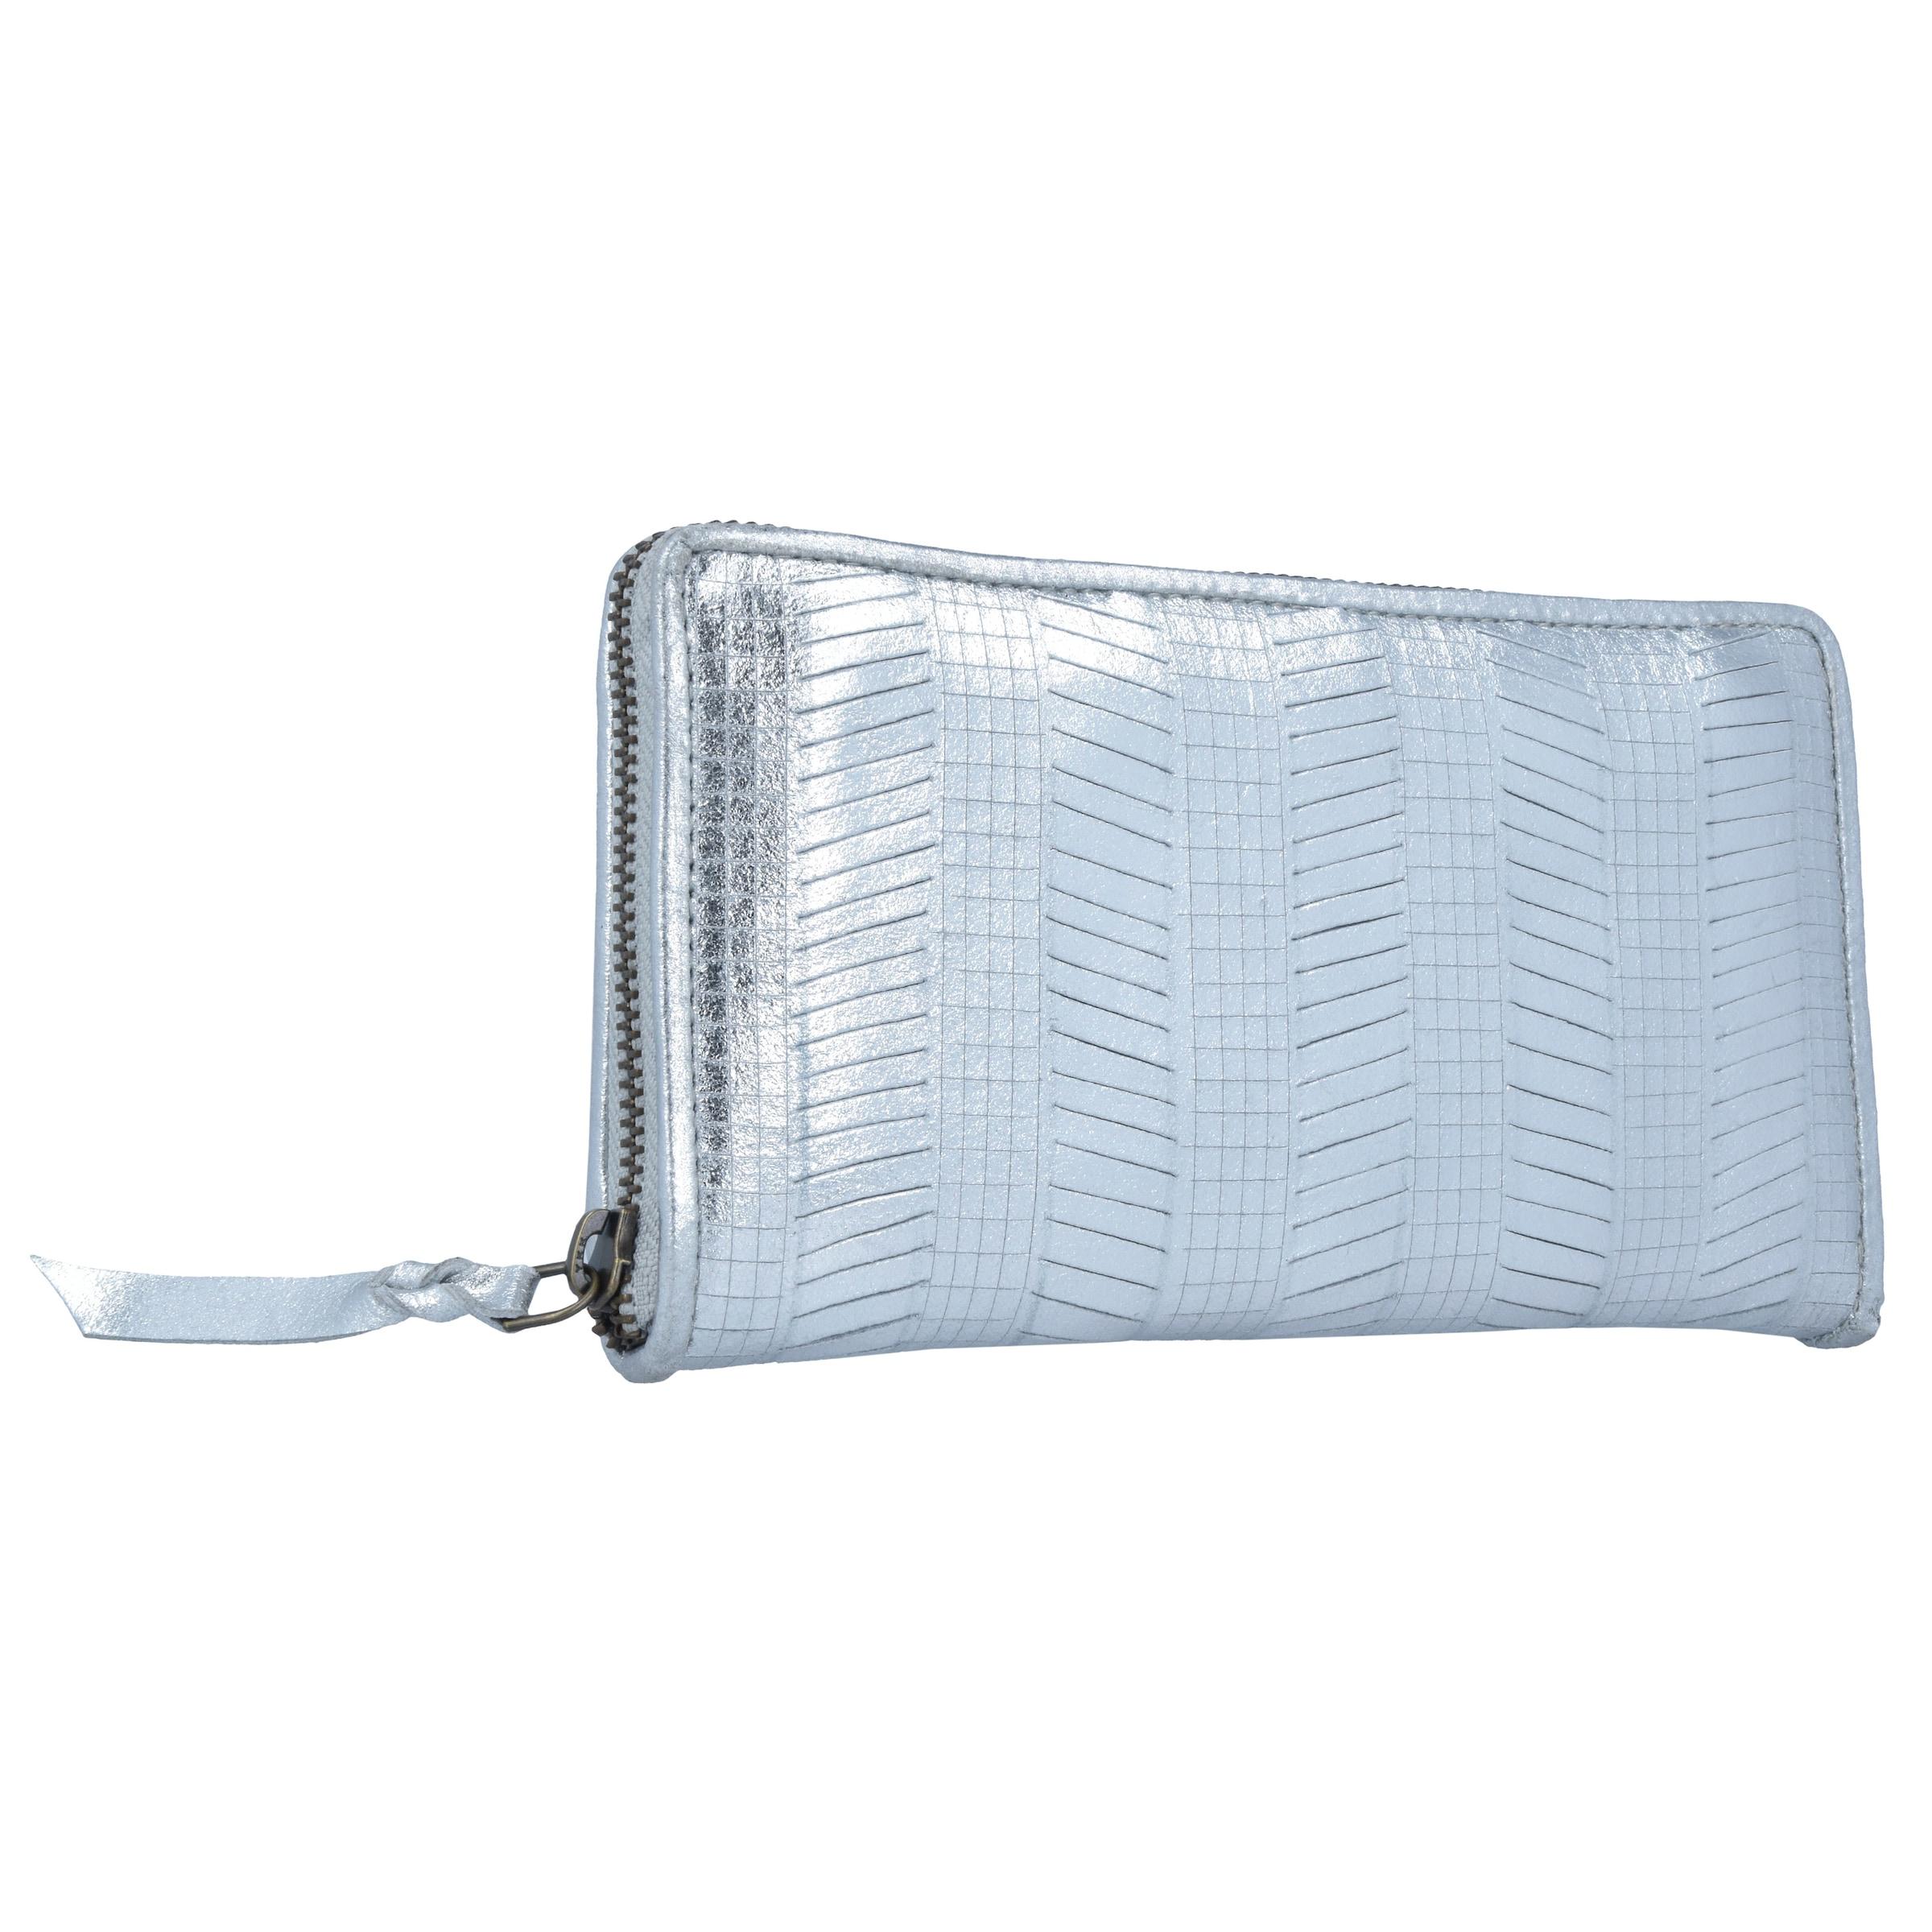 Taschendieb Wien Geldbörse Leder 20 cm Kaufen Günstig Online Footlocker Verkauf Online wdEpYOfyv6